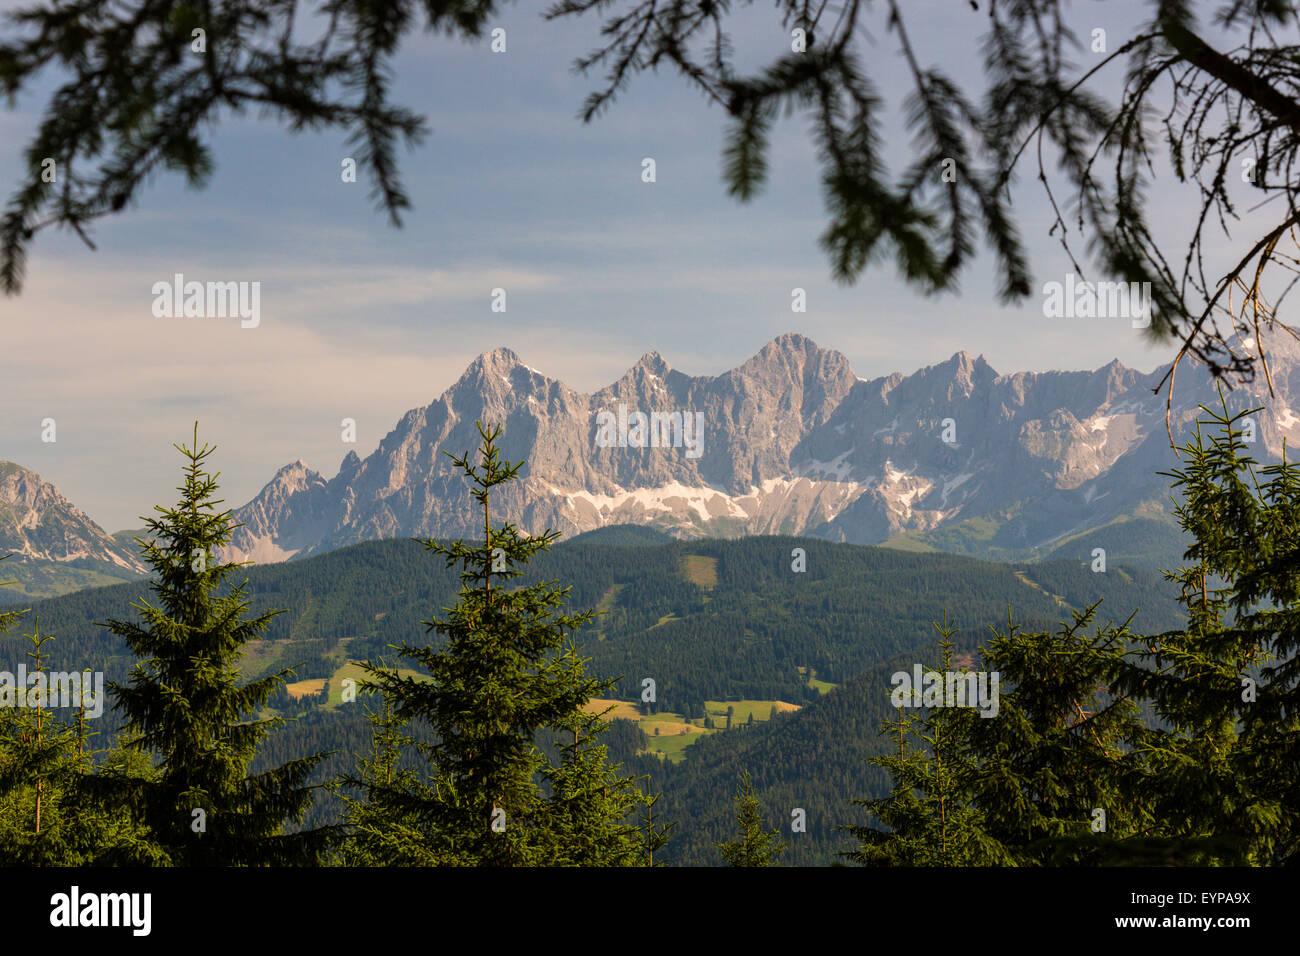 Geografie, Dachsteingebirge, Steiermark, Österreich Stockbild